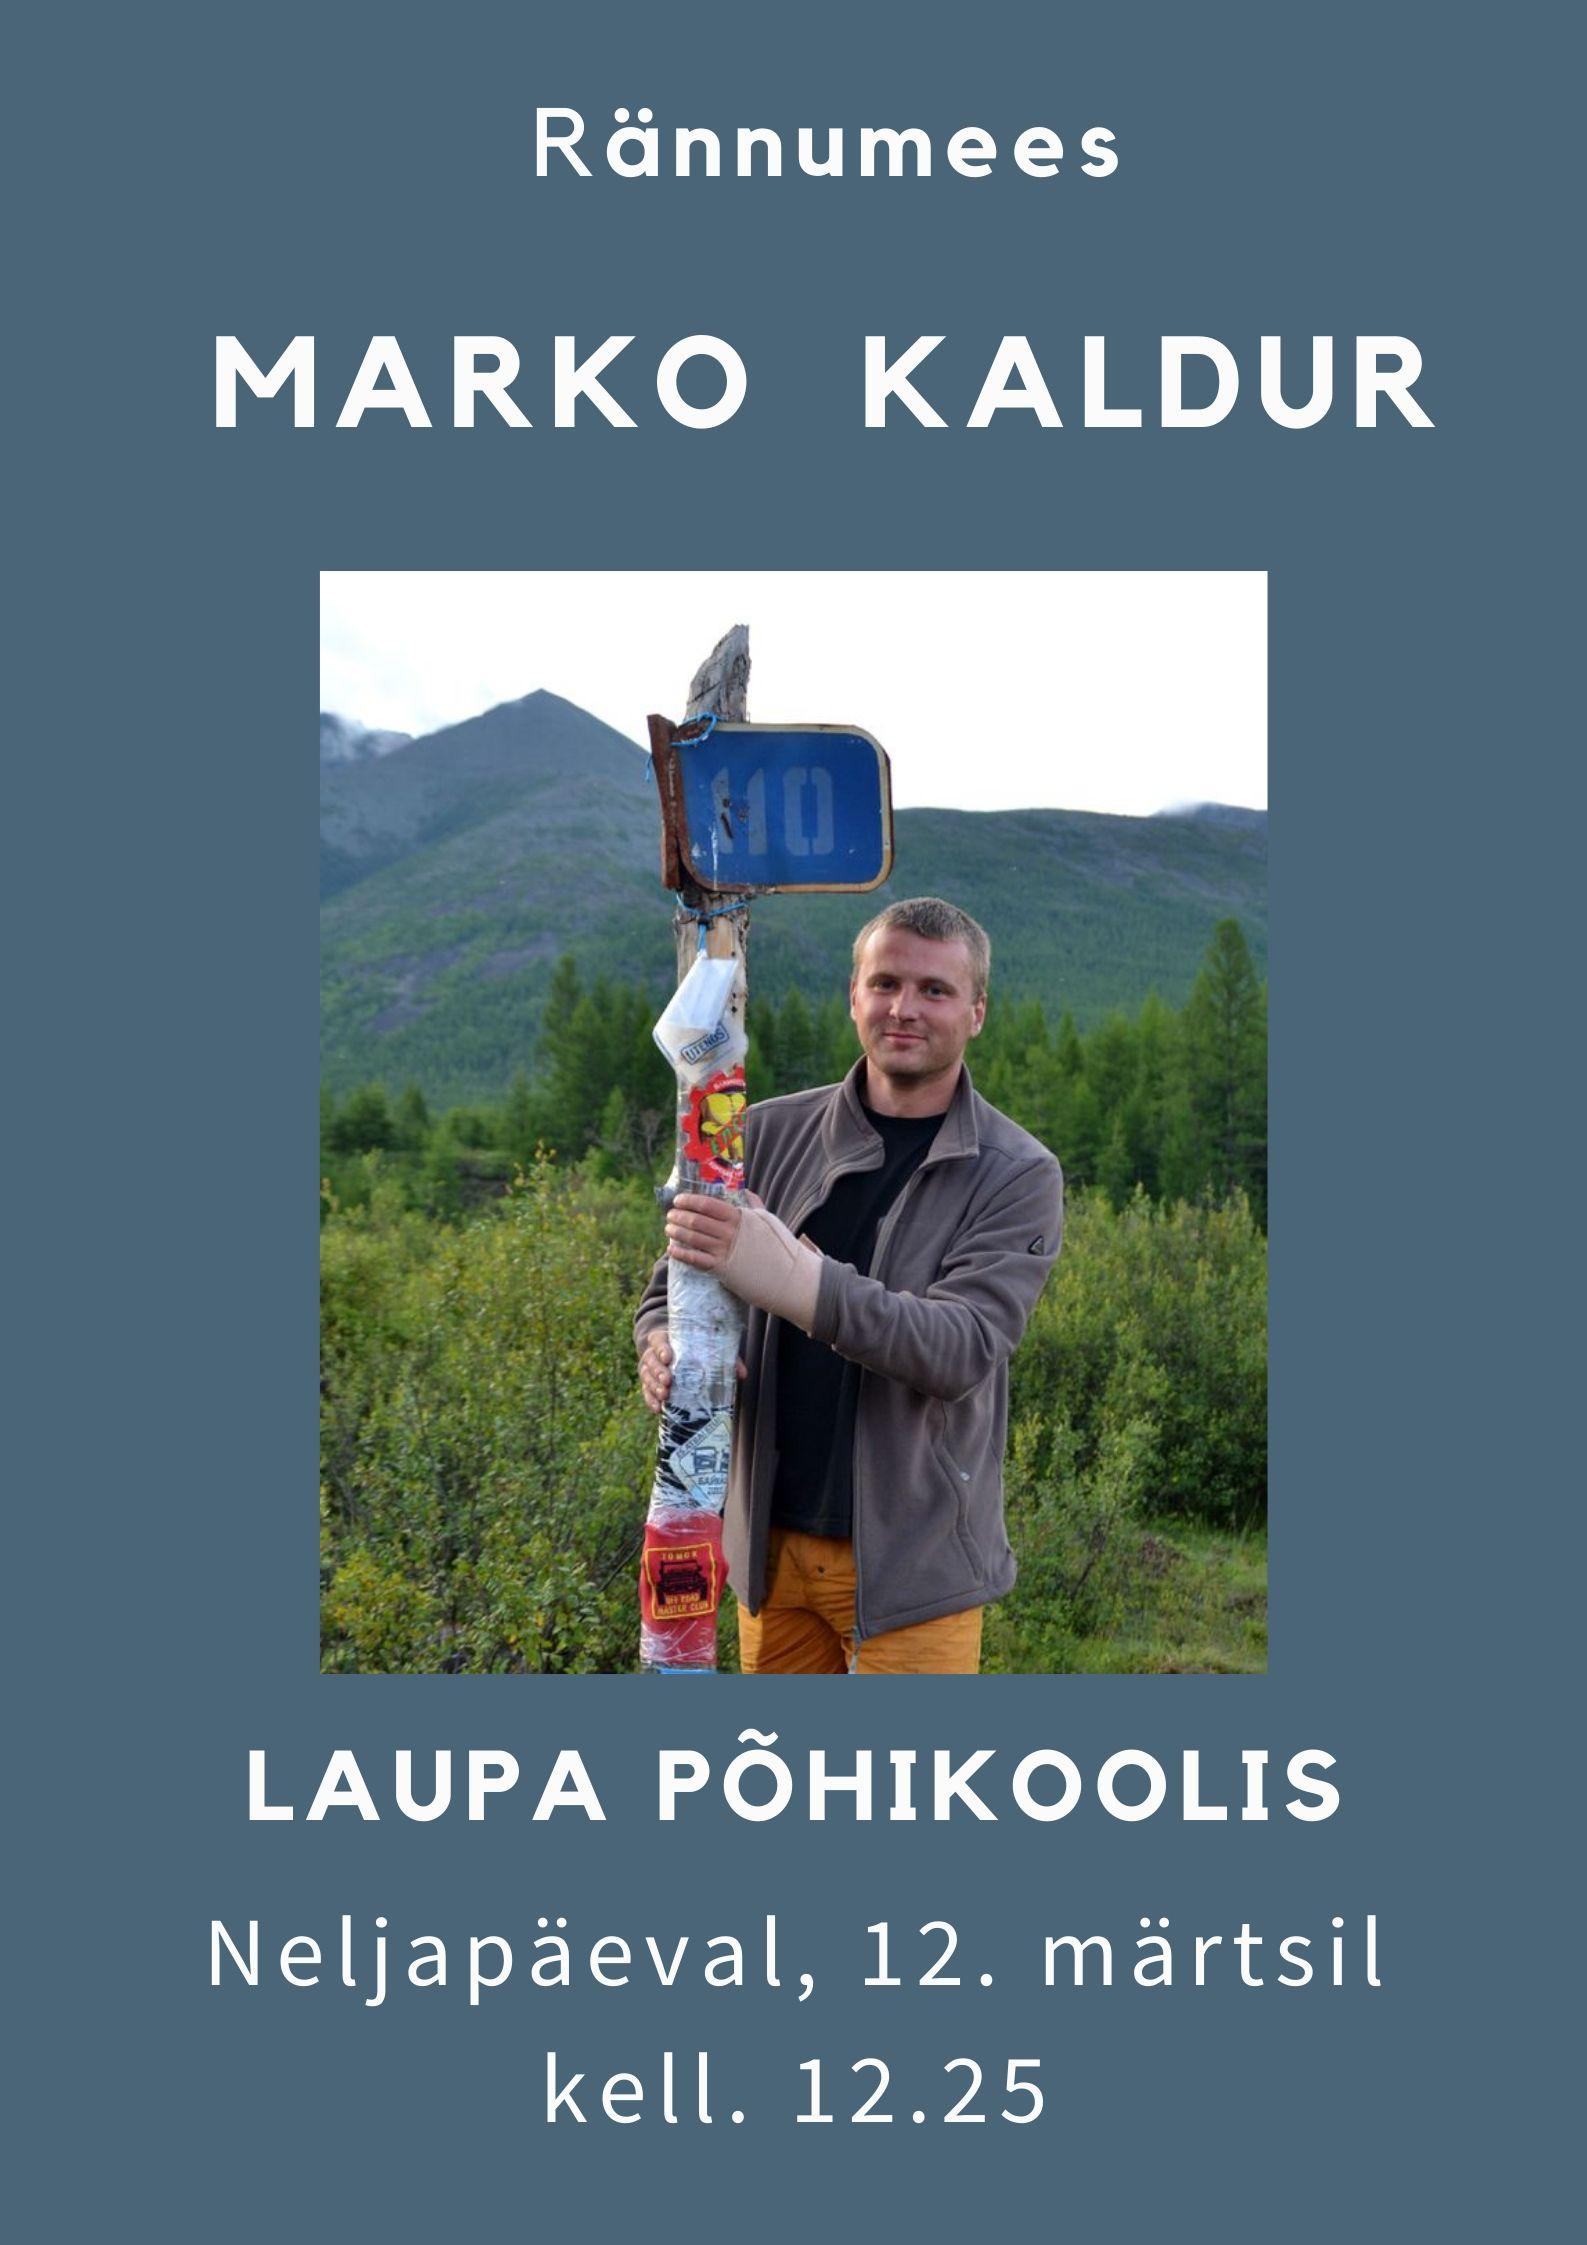 Rännumees Marko Kaldur